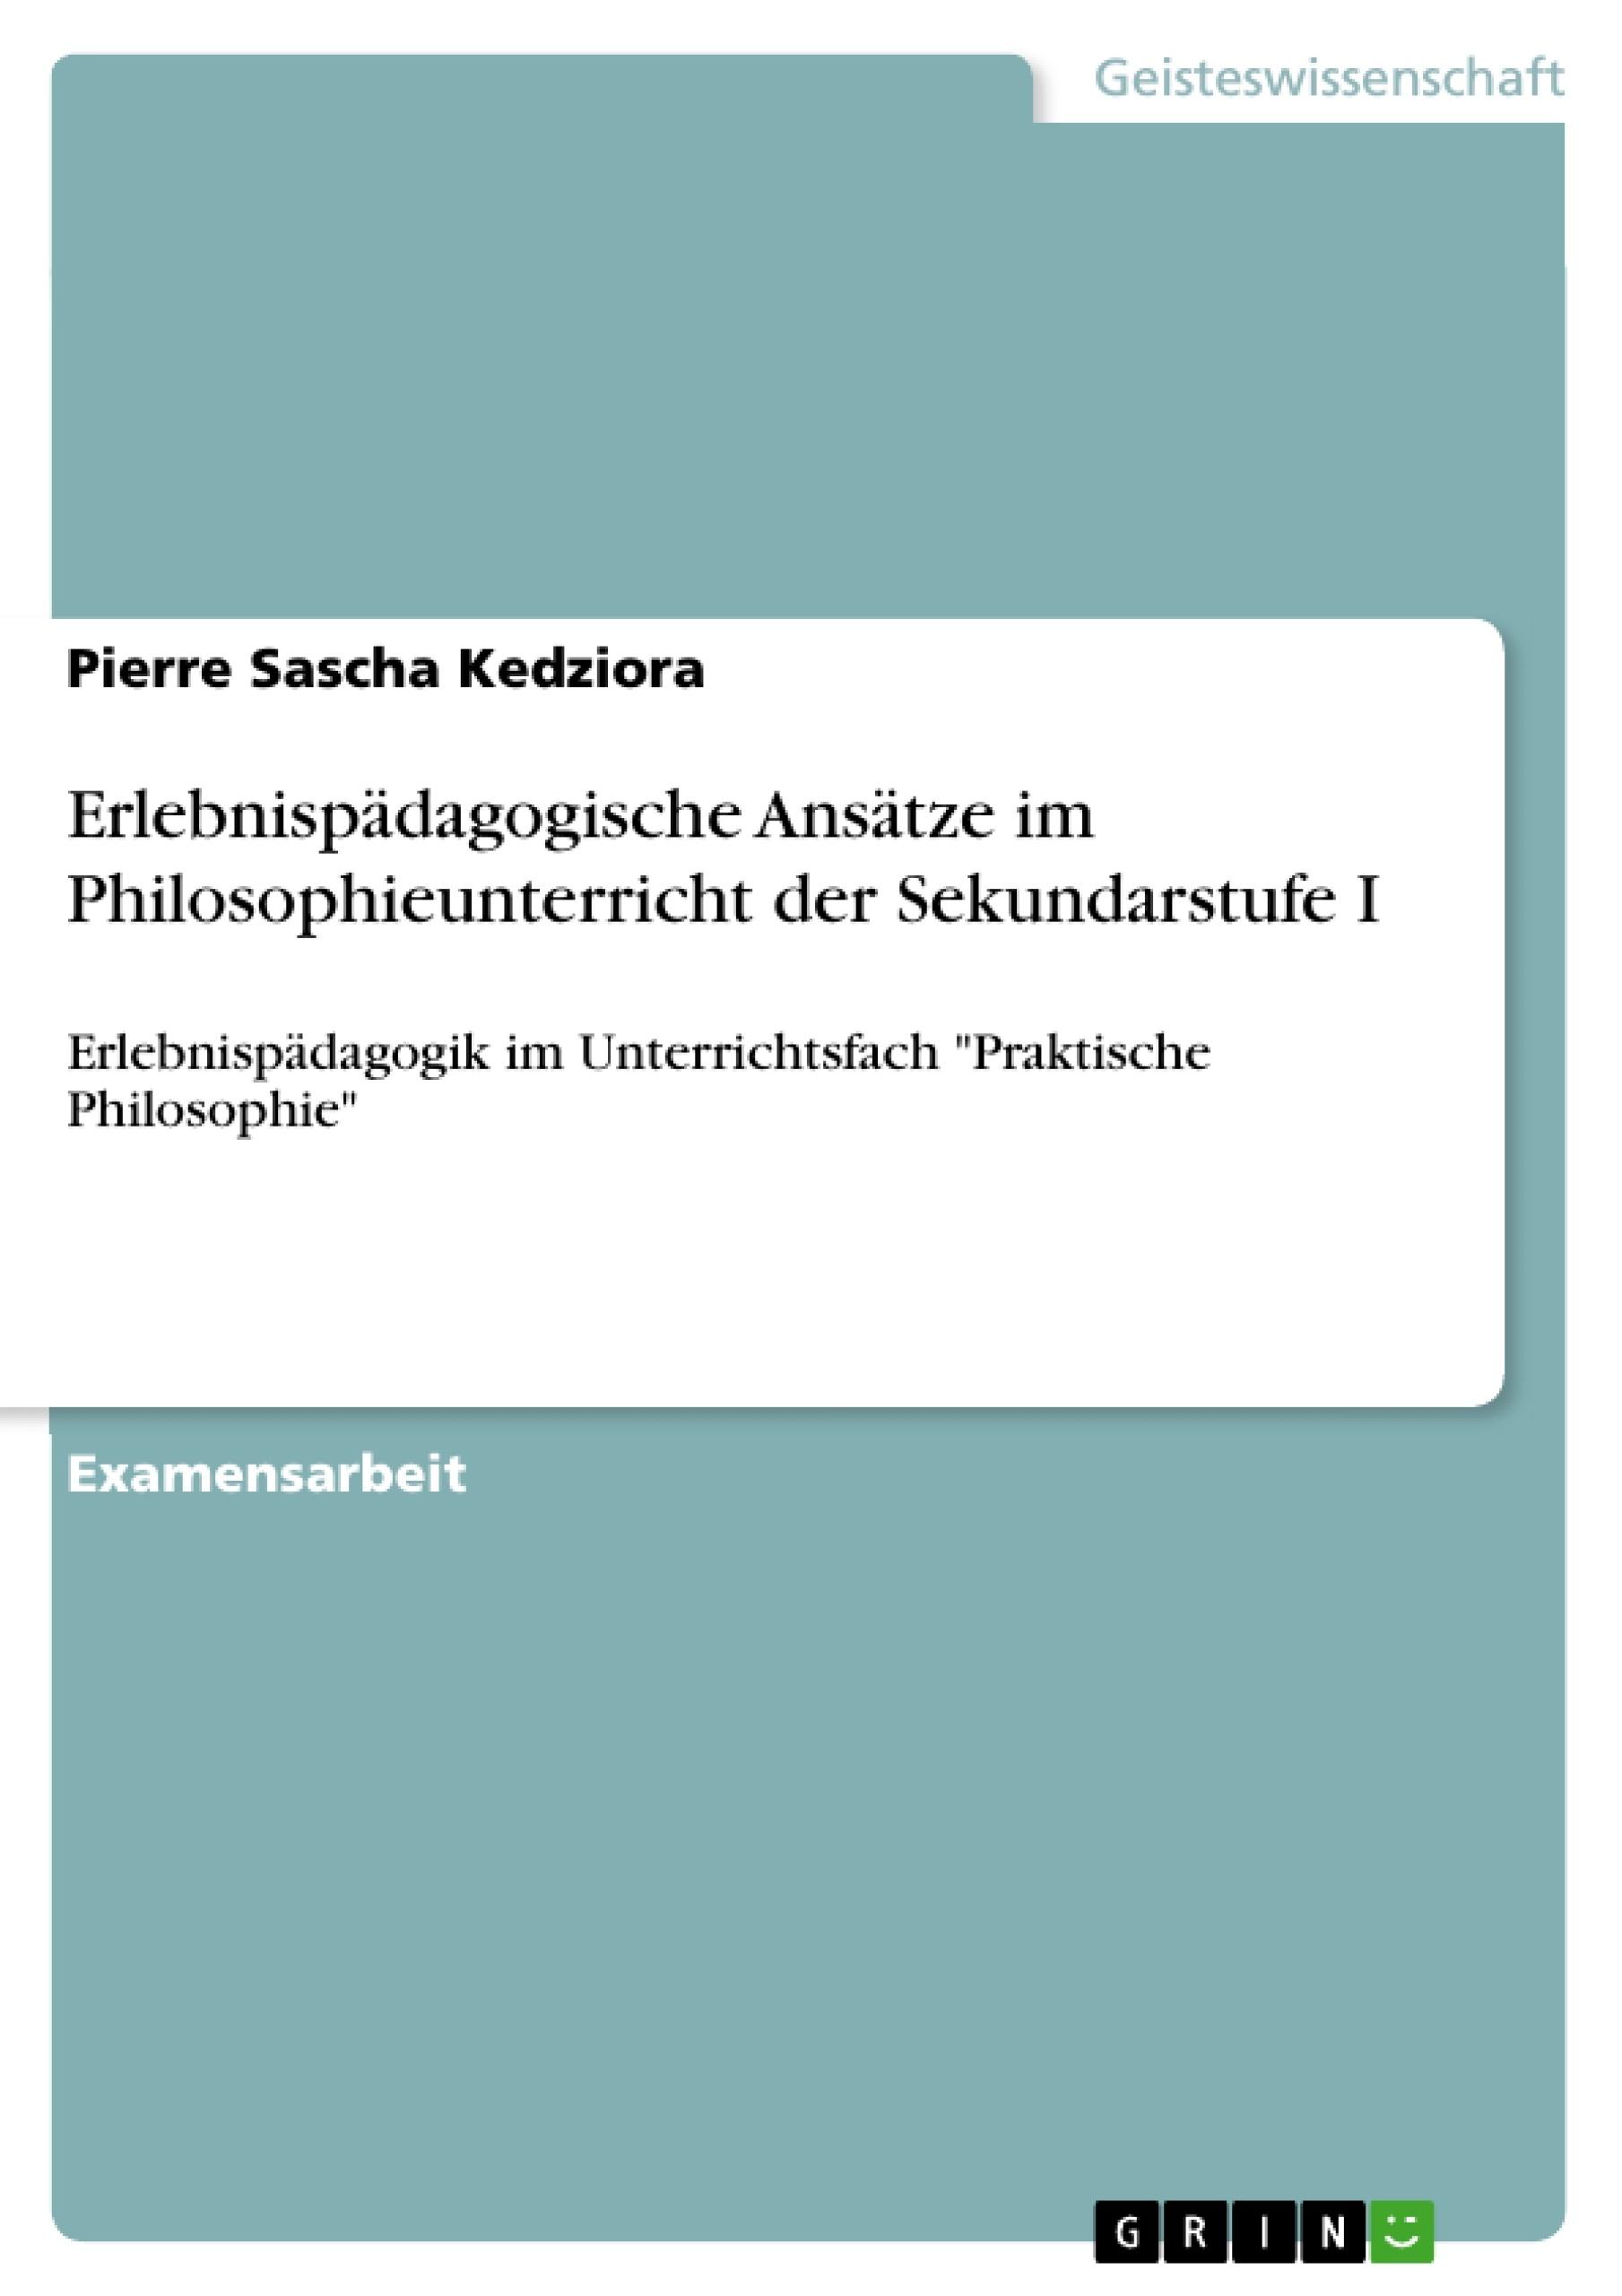 Titel: Erlebnispädagogische Ansätze im Philosophieunterricht der Sekundarstufe I